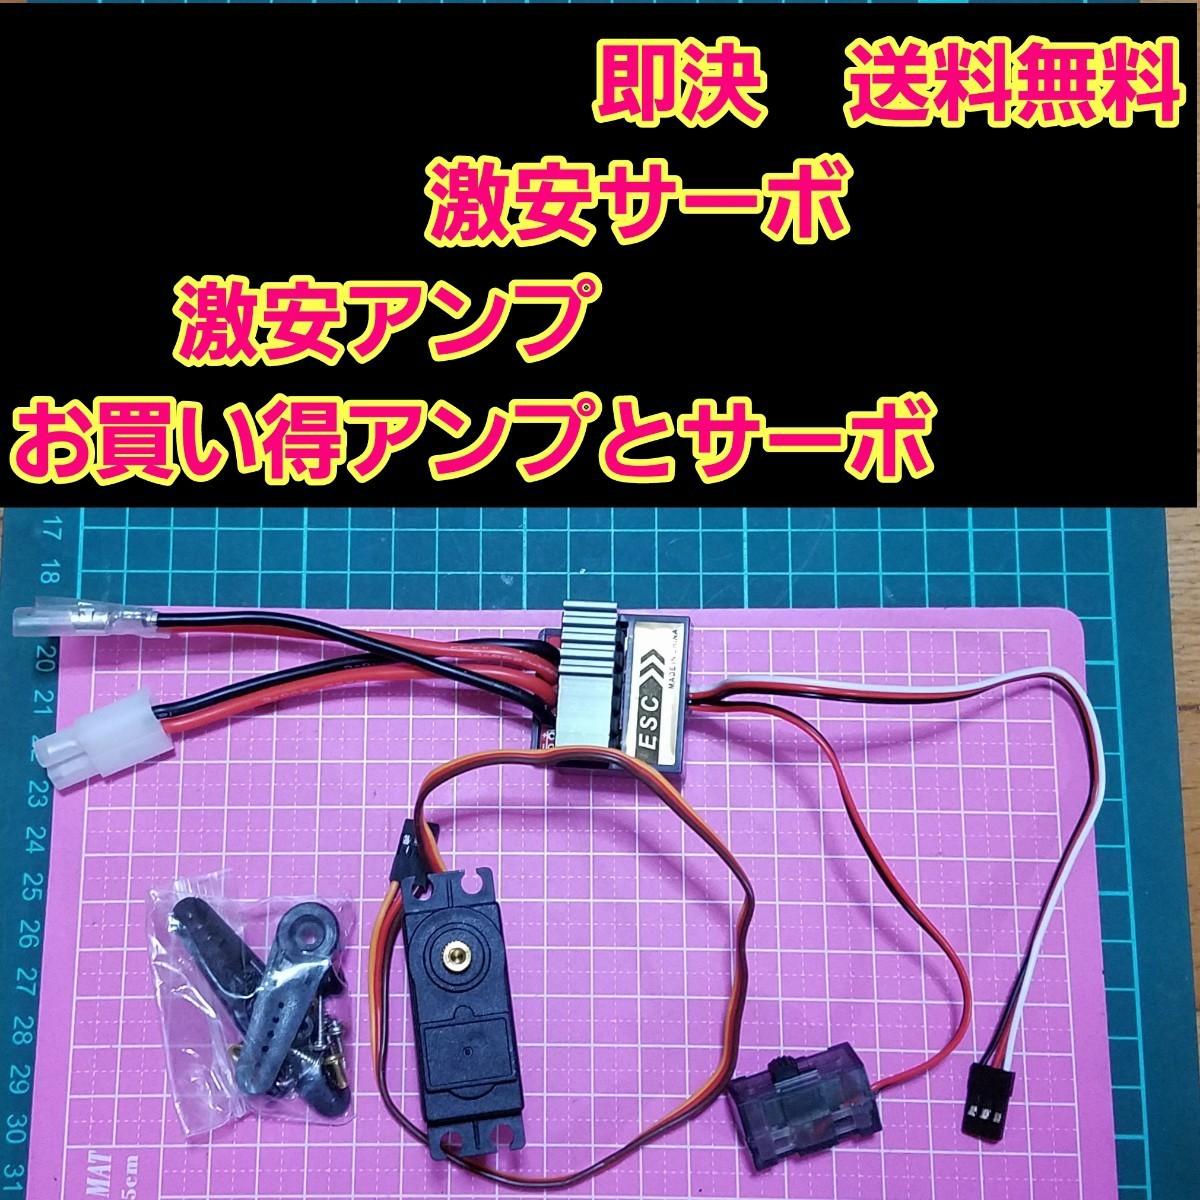 新品 ラジコン 用 アンプ ESC サーボ 付     モーター フタバ タミヤ tt01 tt02 ドリパケ ヨコモ サンワ